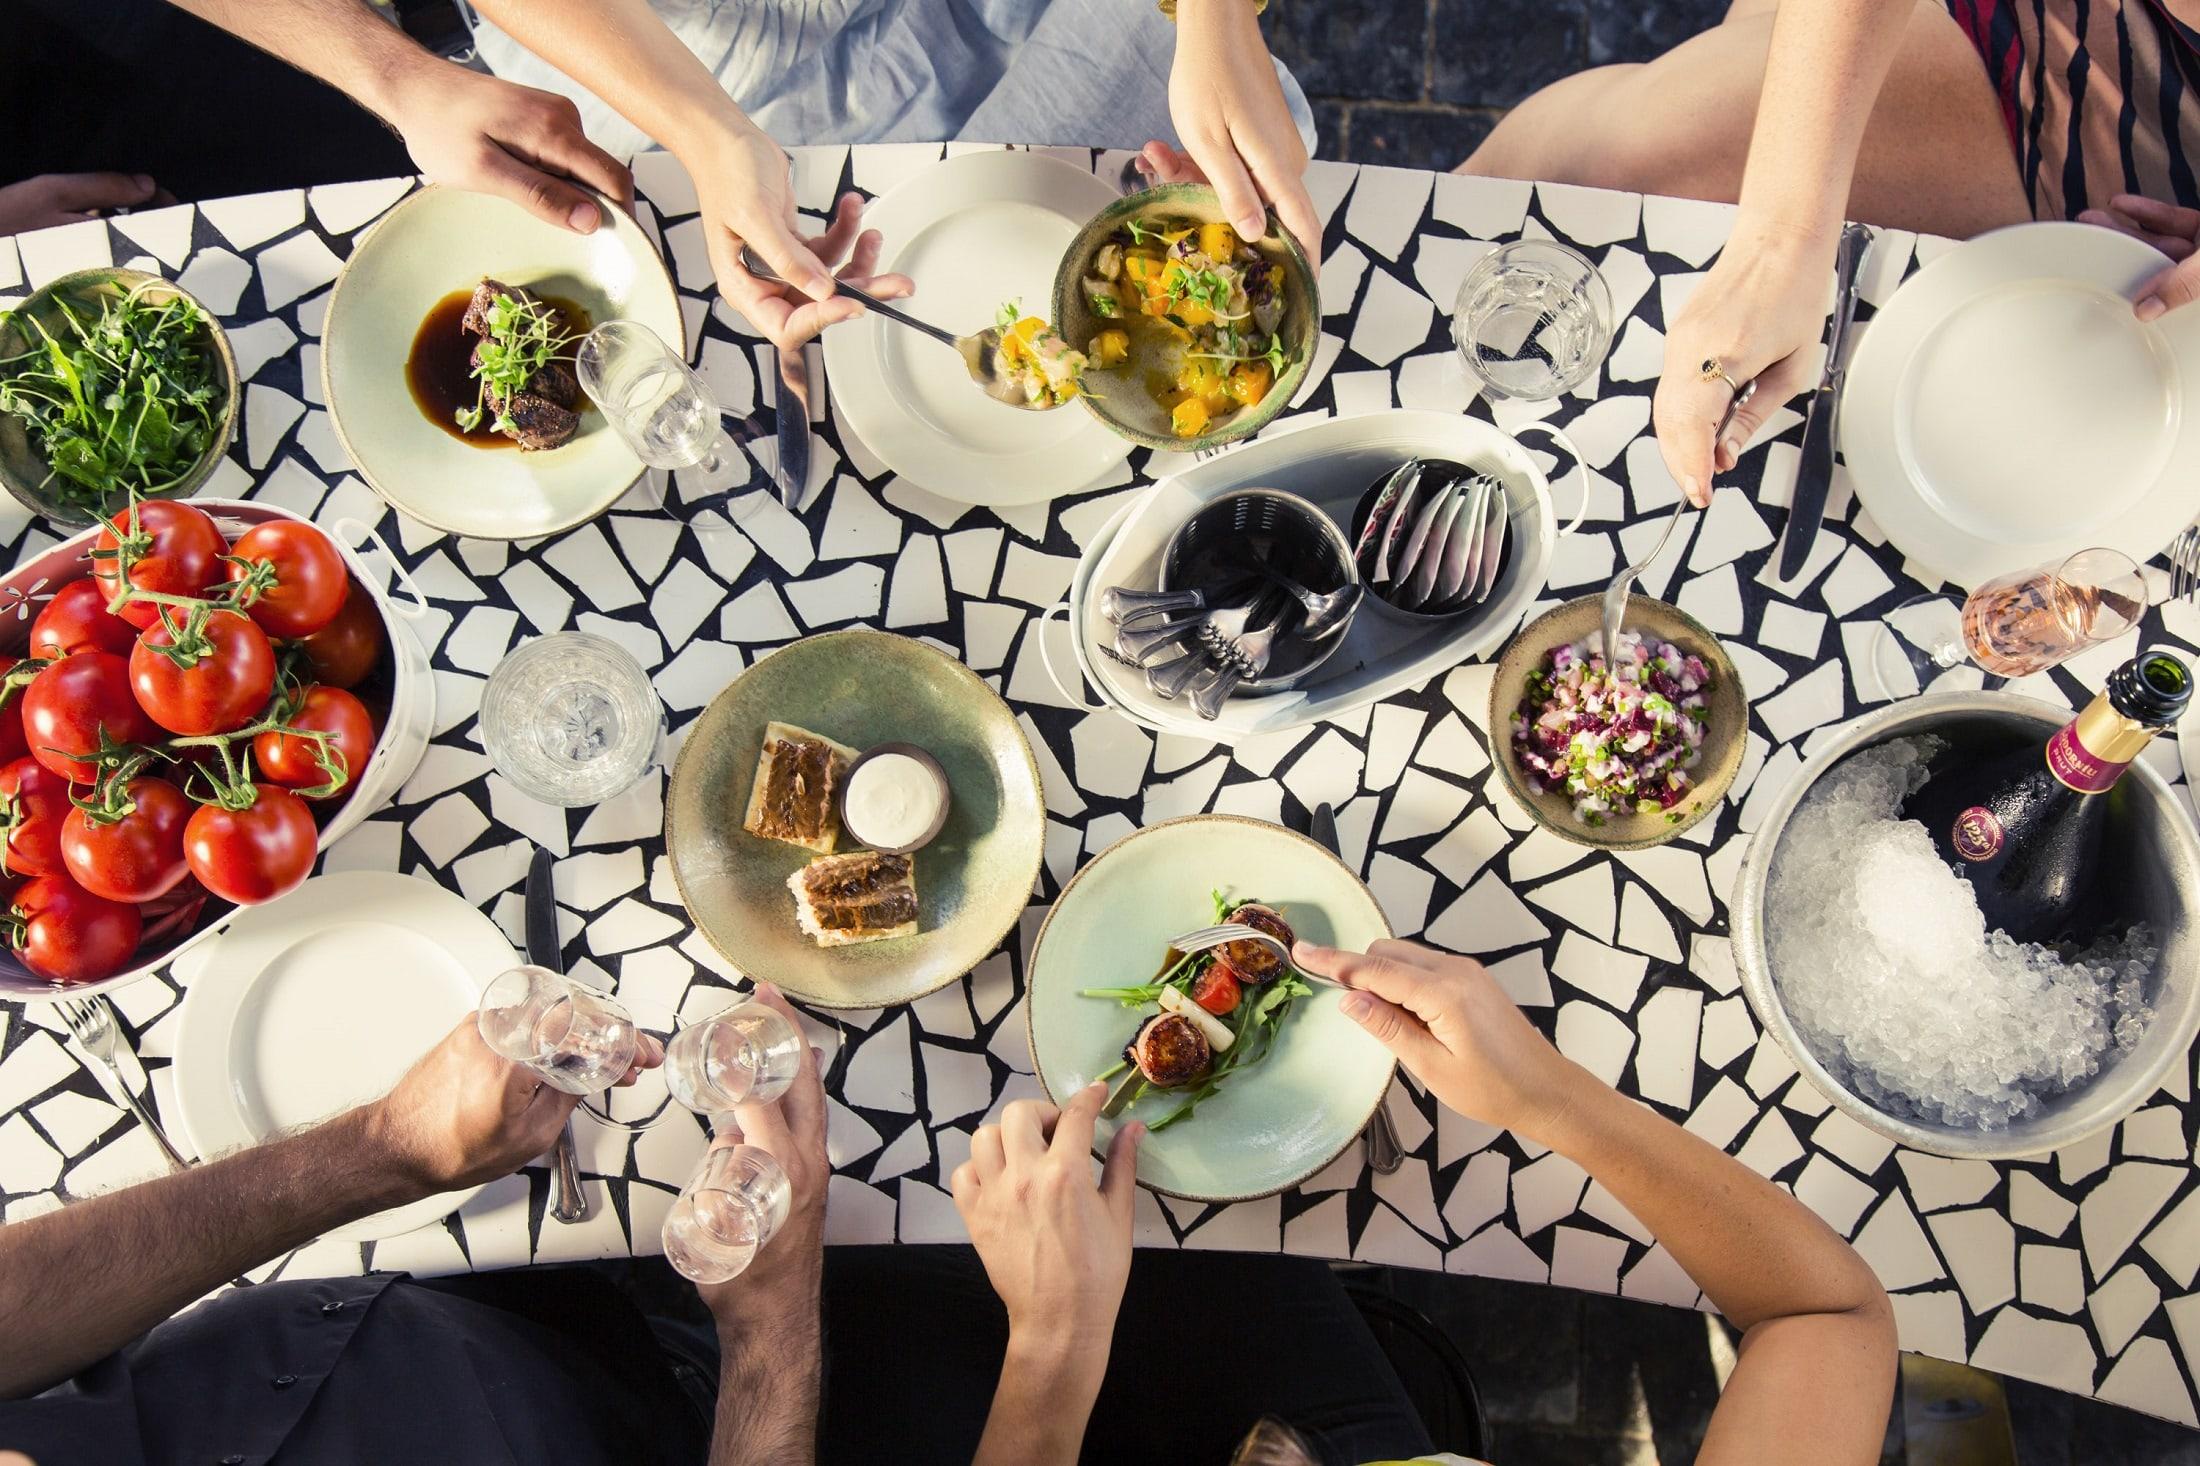 הקמת מסעדה עם תוכנית עסקית נכונה